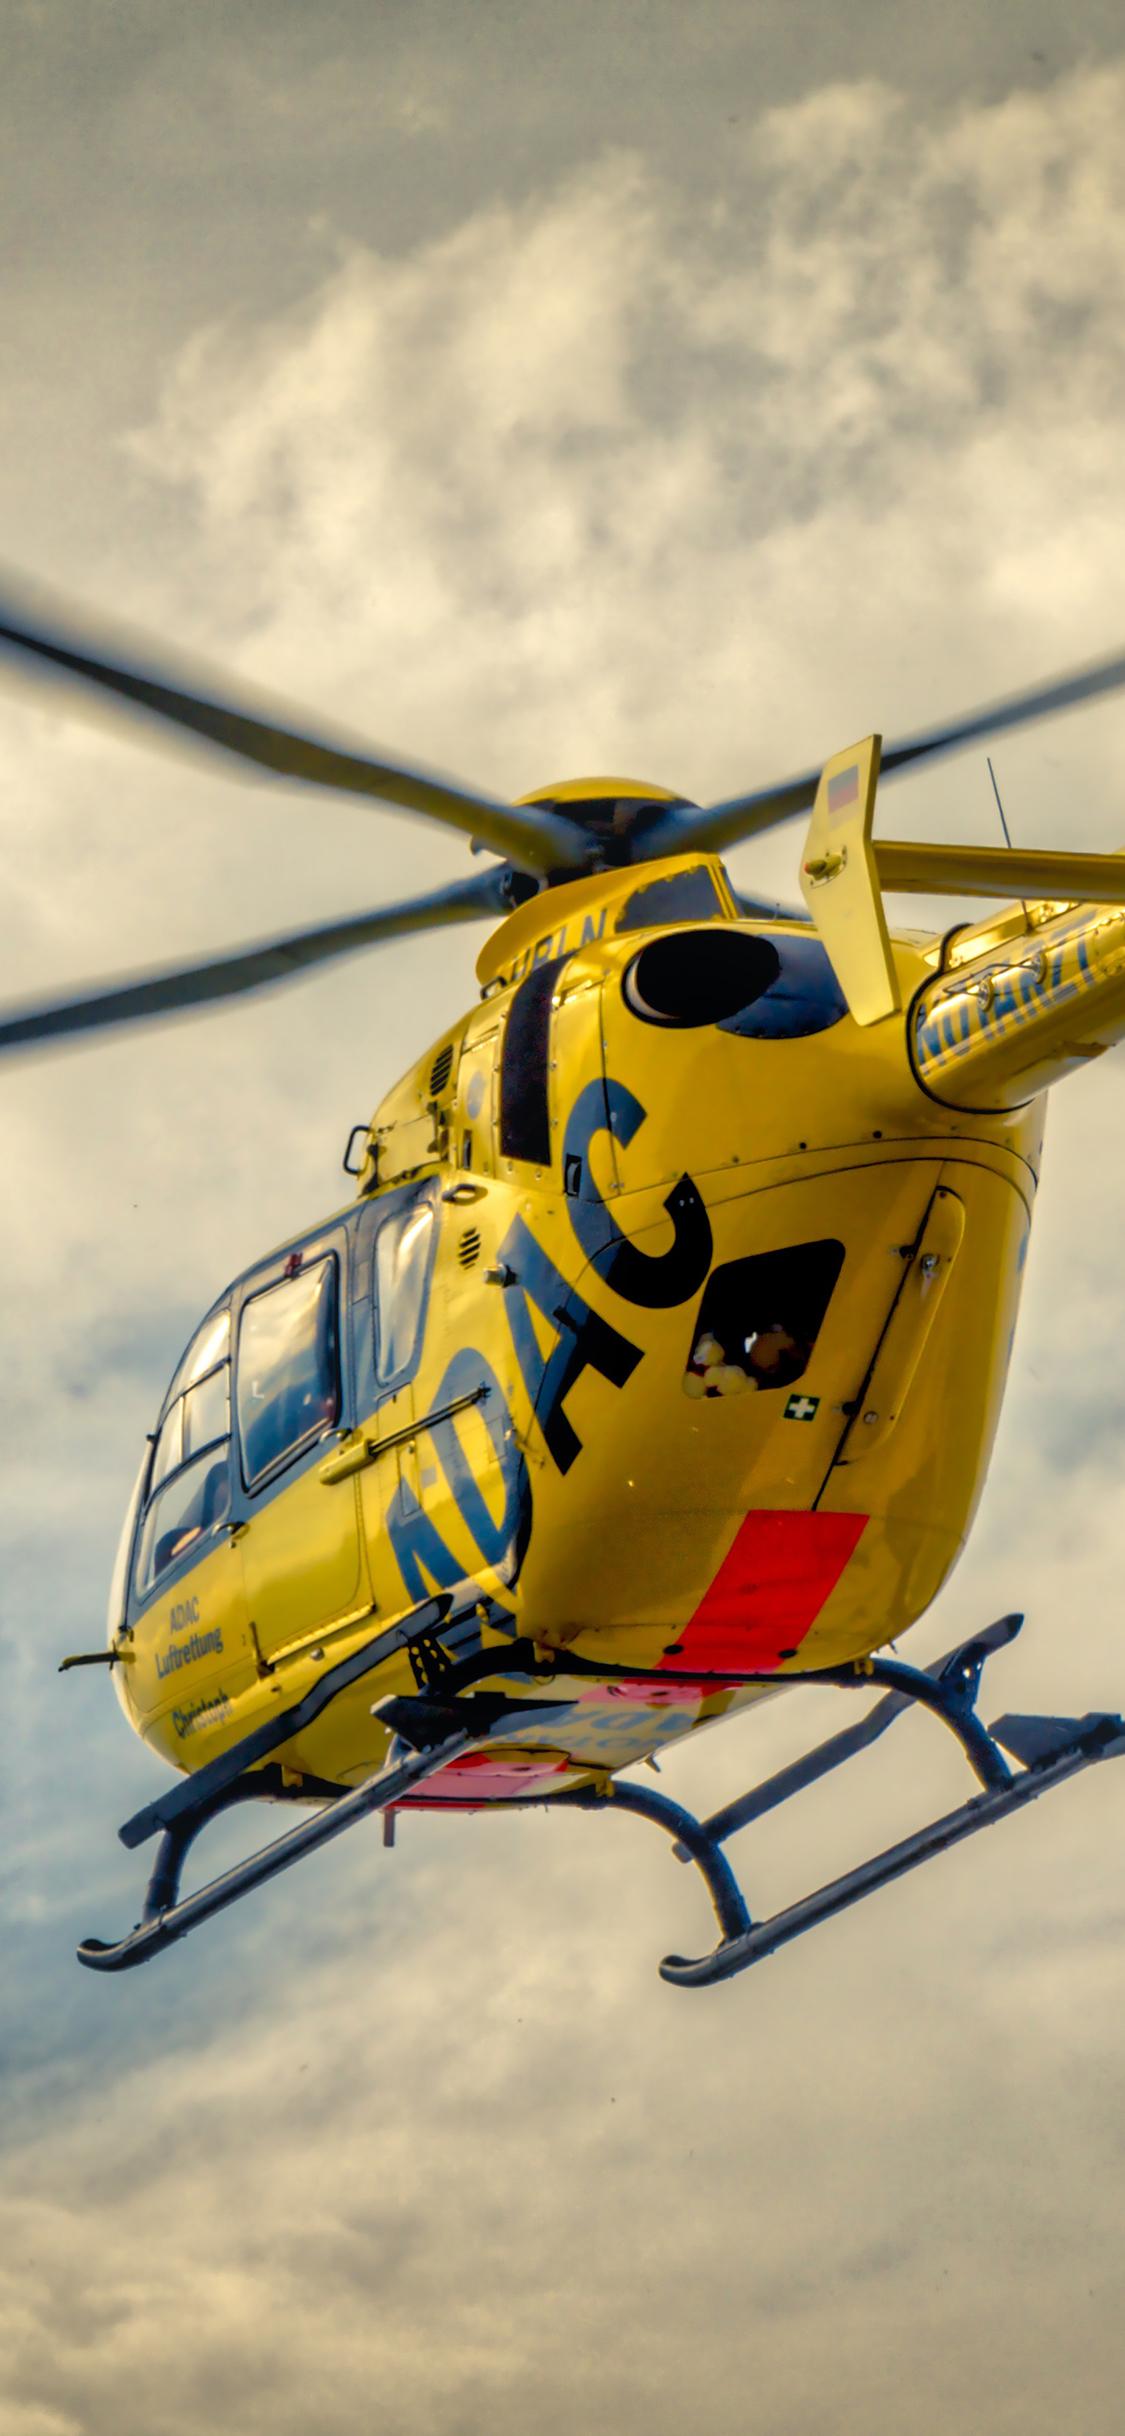 直升机 飞机 飞行 航空 螺旋桨图片